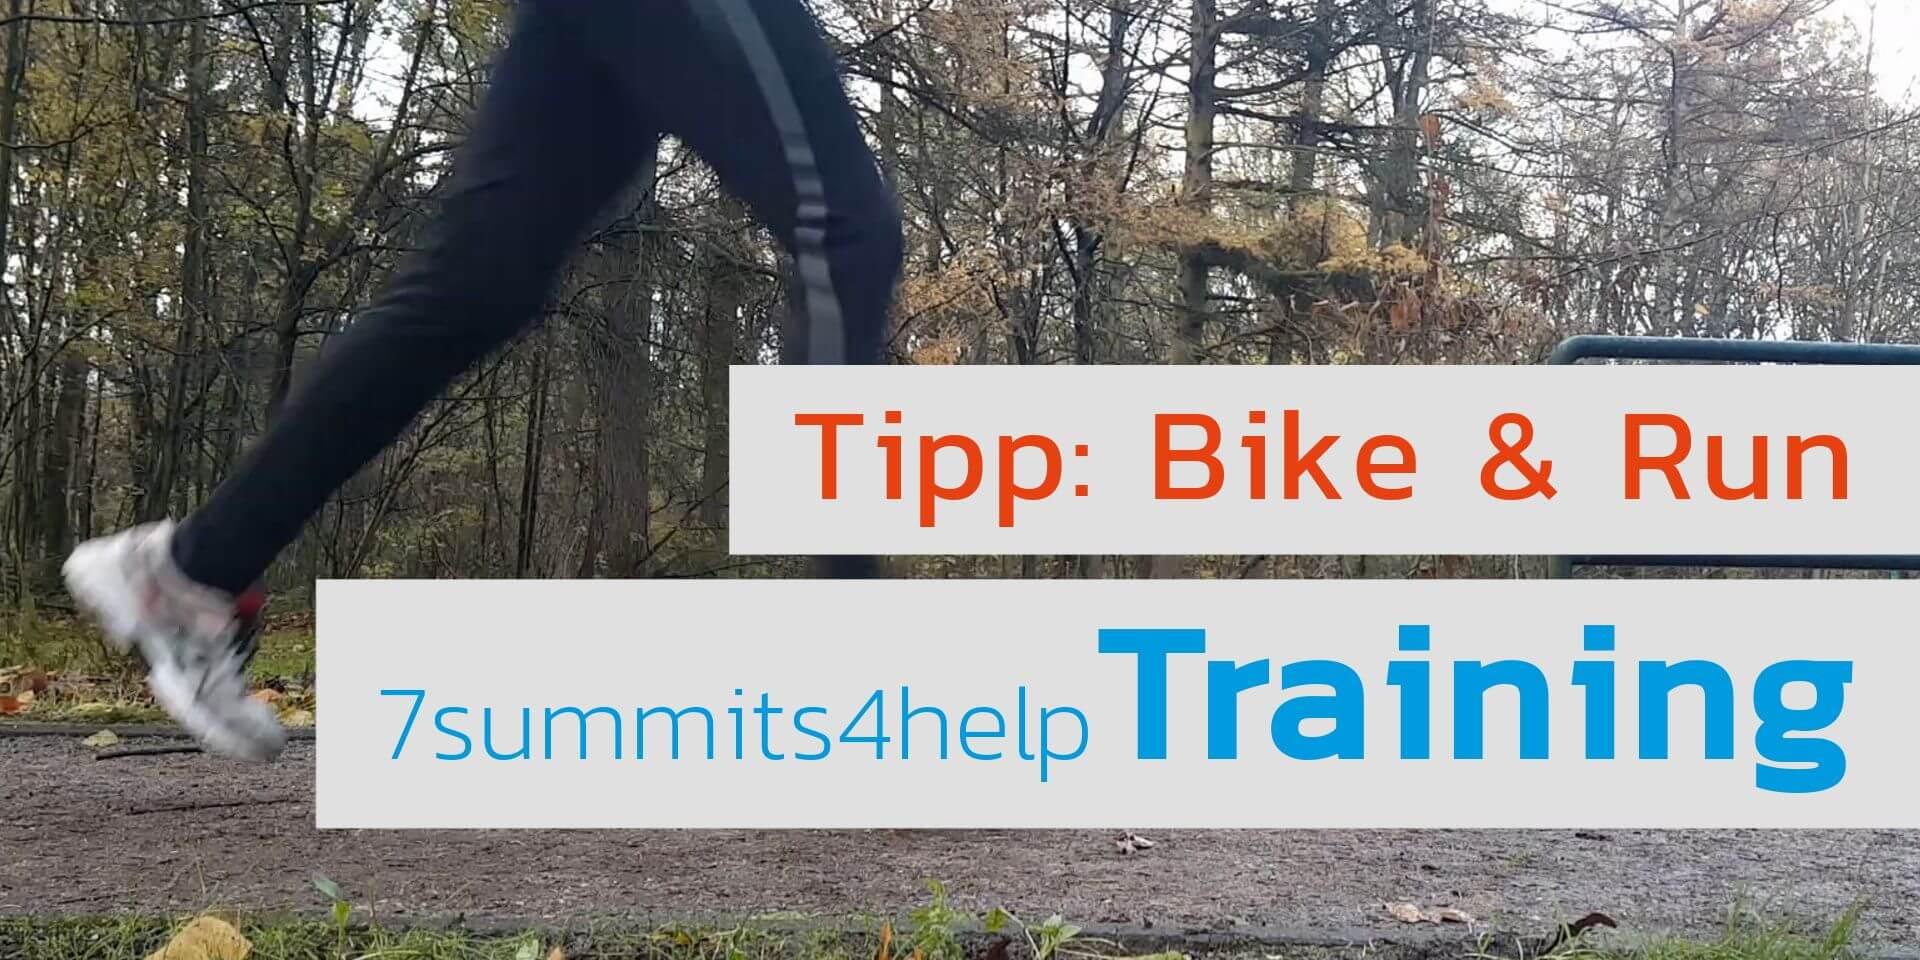 Trainingsmethode Bike and Run für das Bergsteigen und den Triathlon